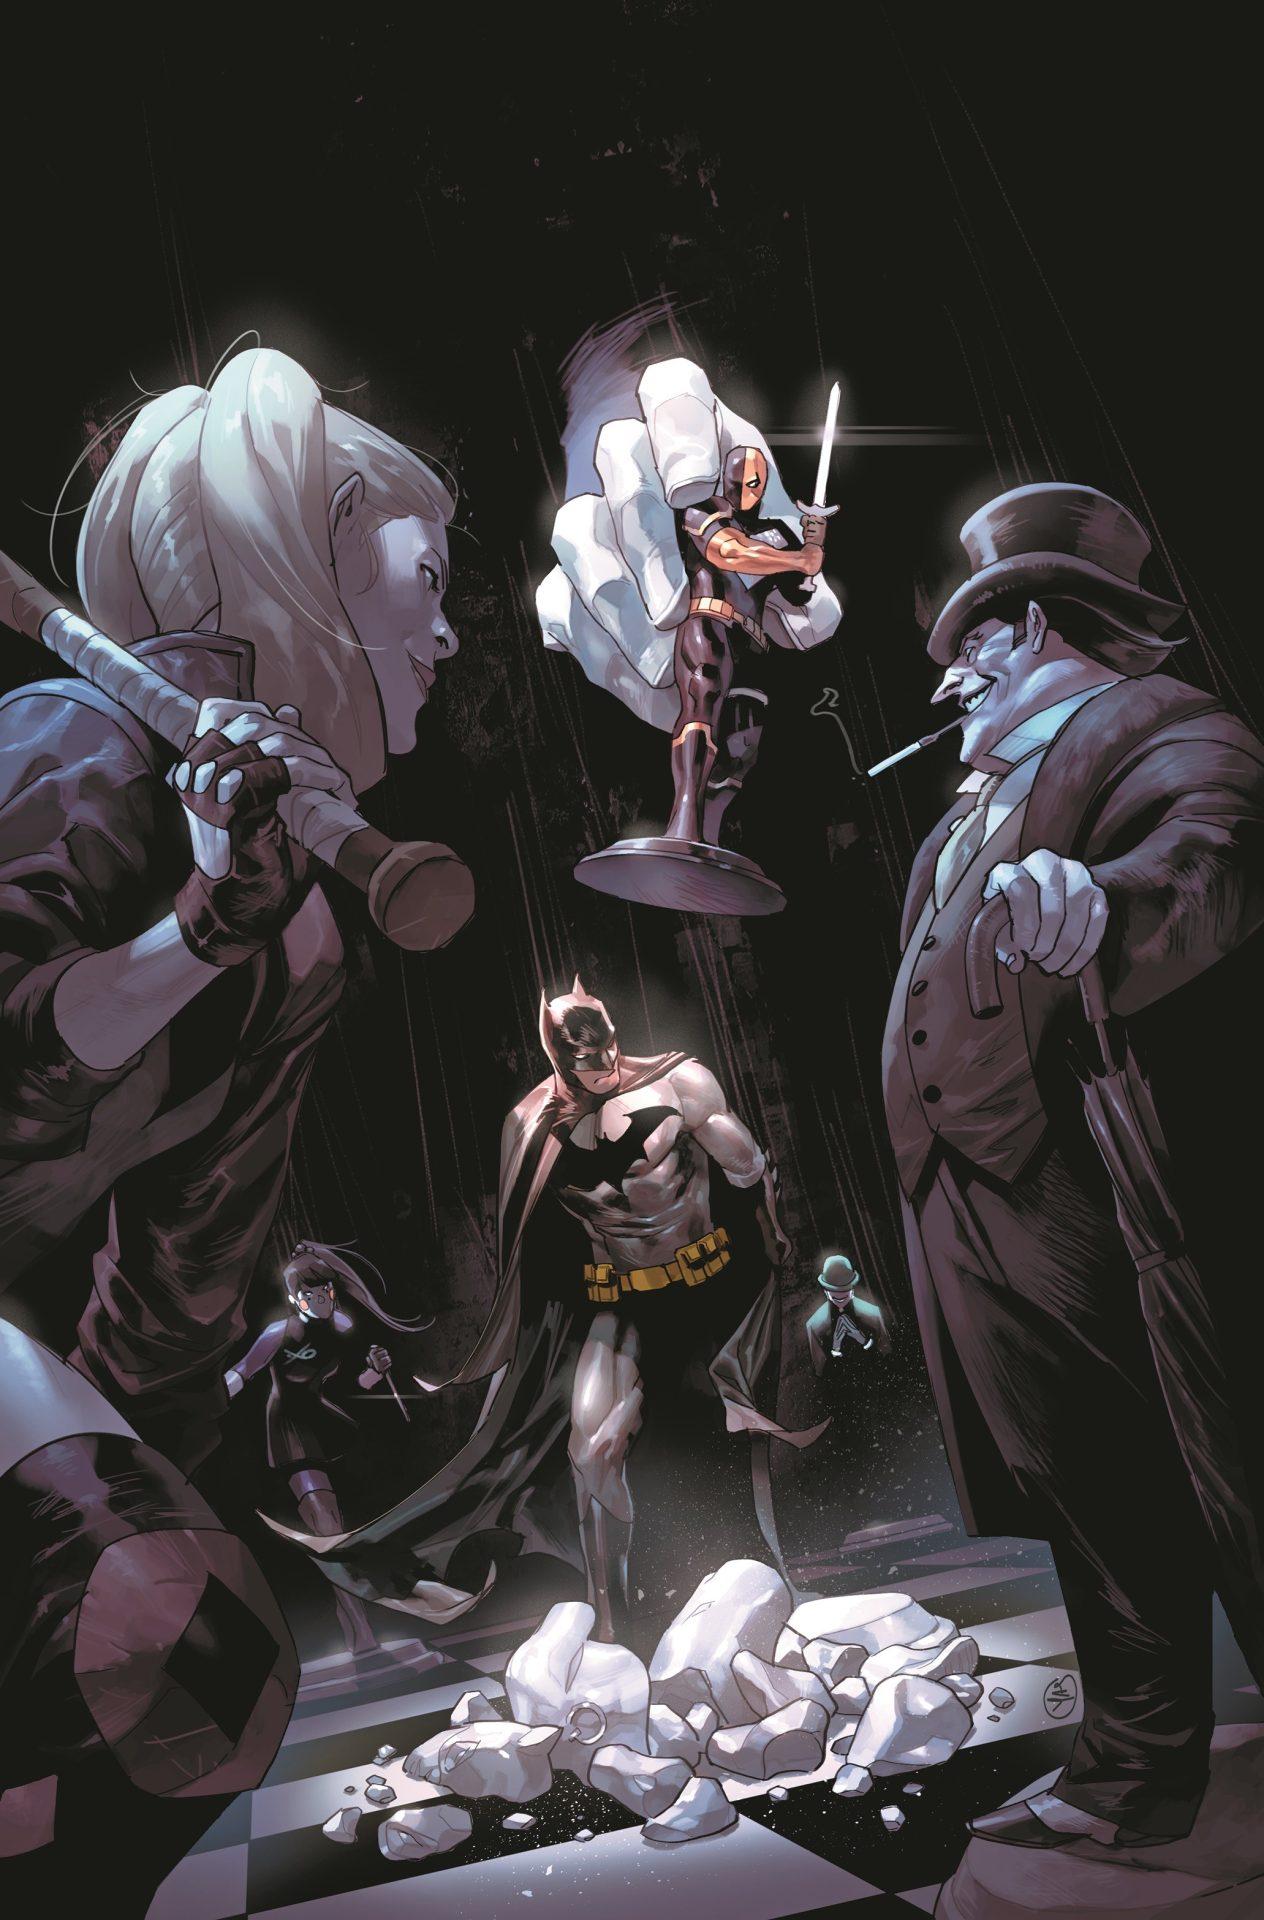 DC Reveals More Bat Action in April 2020